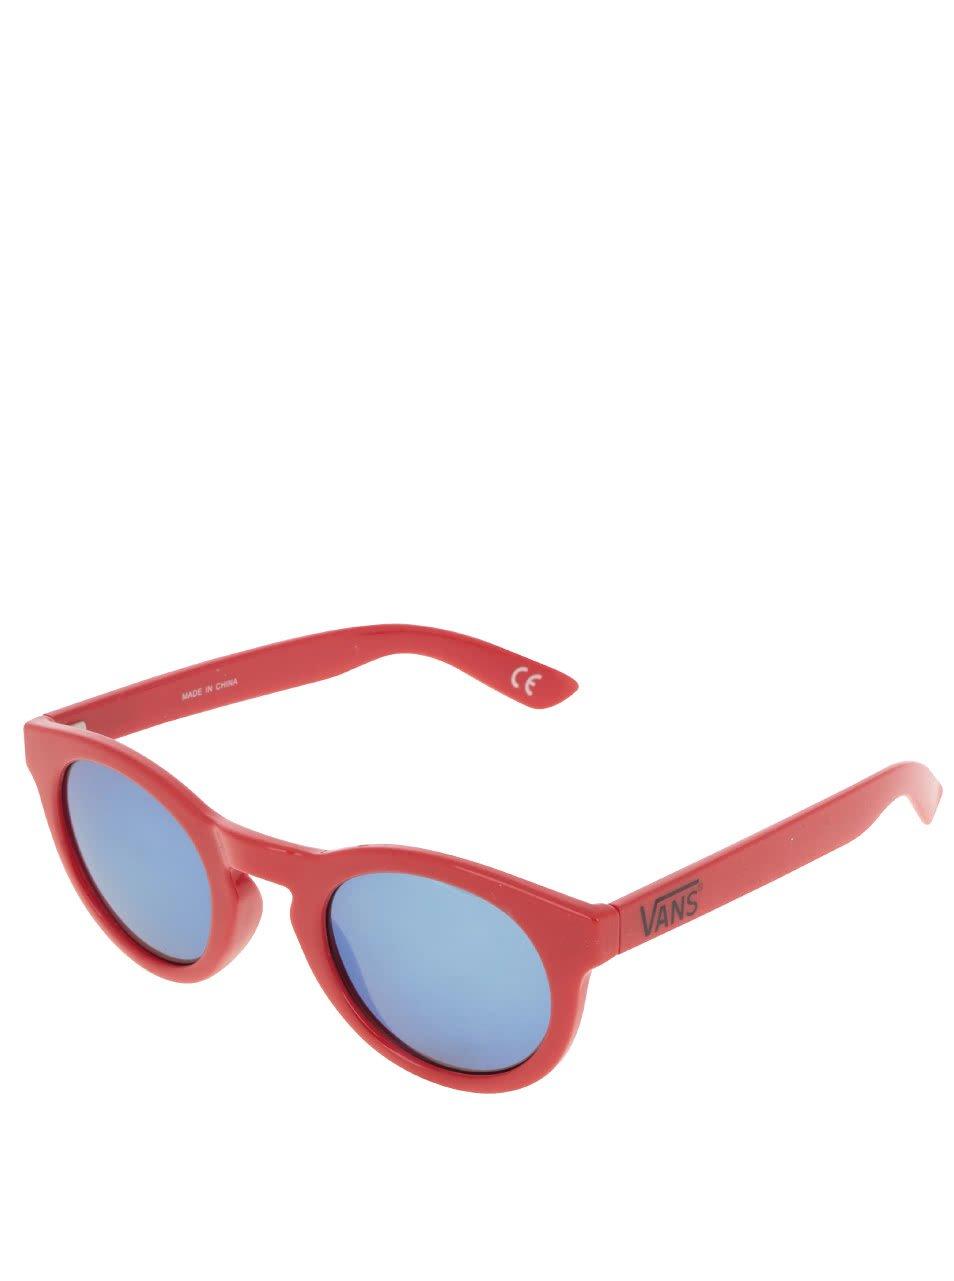 Červené dámské sluneční brýle Vans Lolligagger